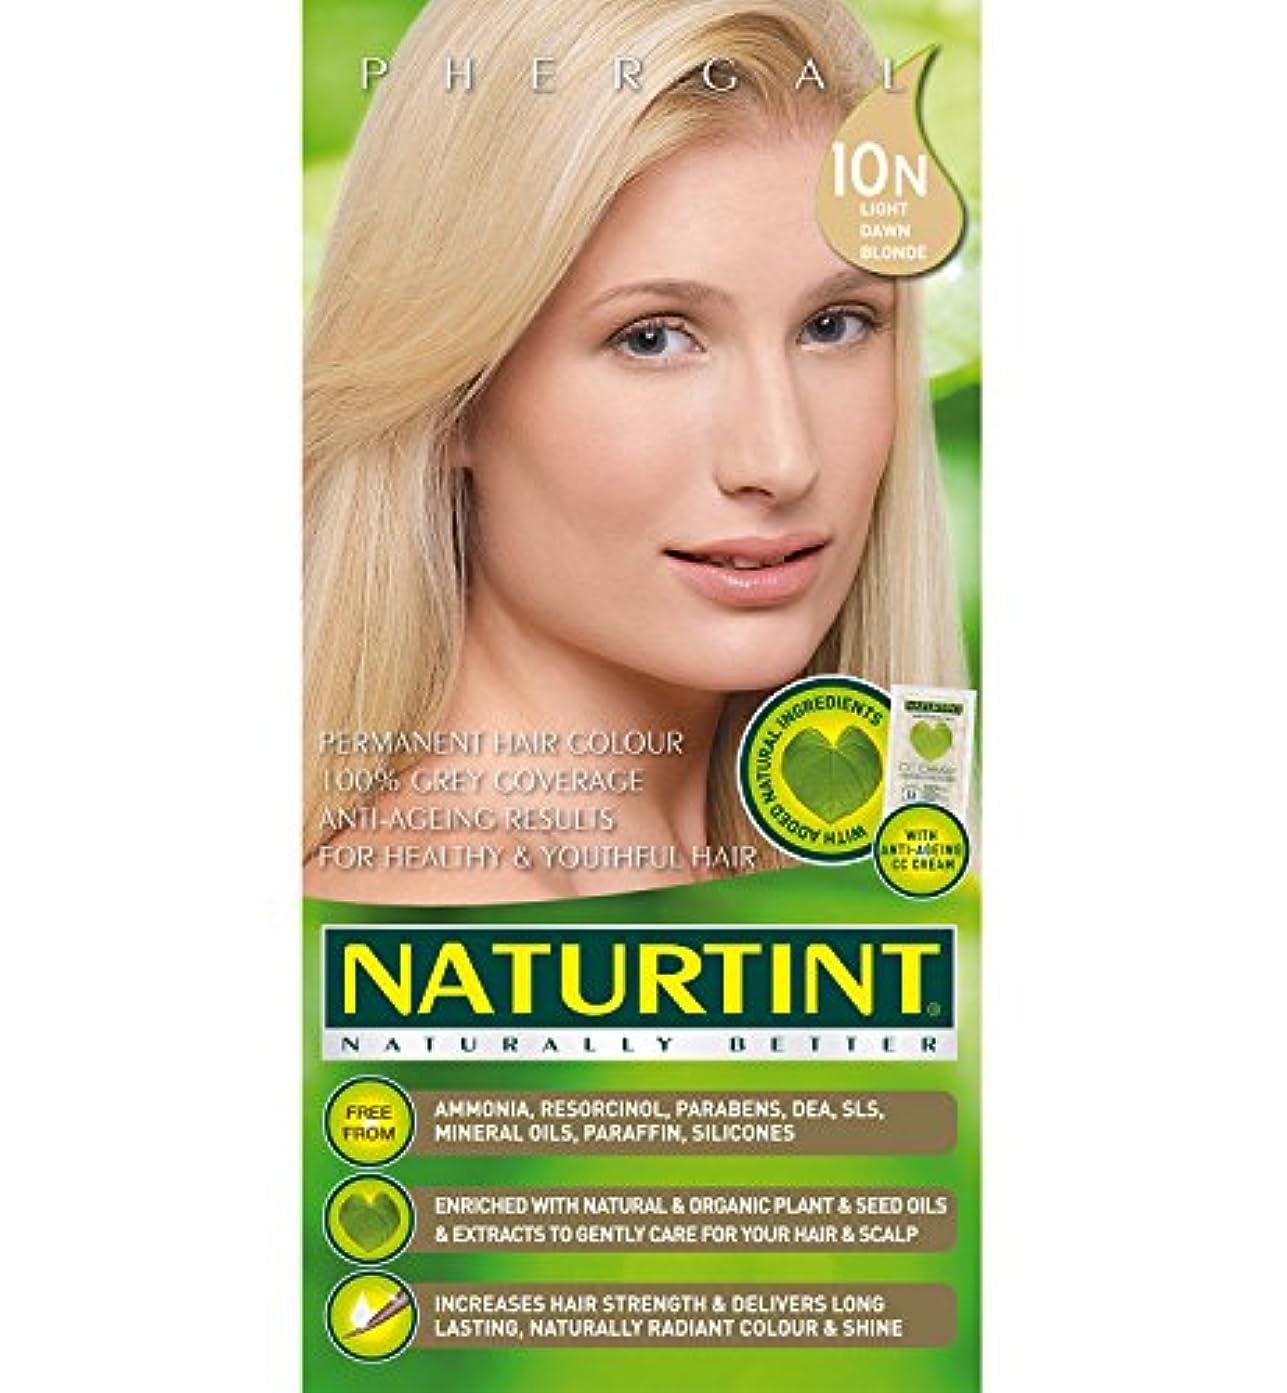 逃れる傾斜養うNaturtint Hair Color 10N Light Dawn Blonde Count (並行輸入品)